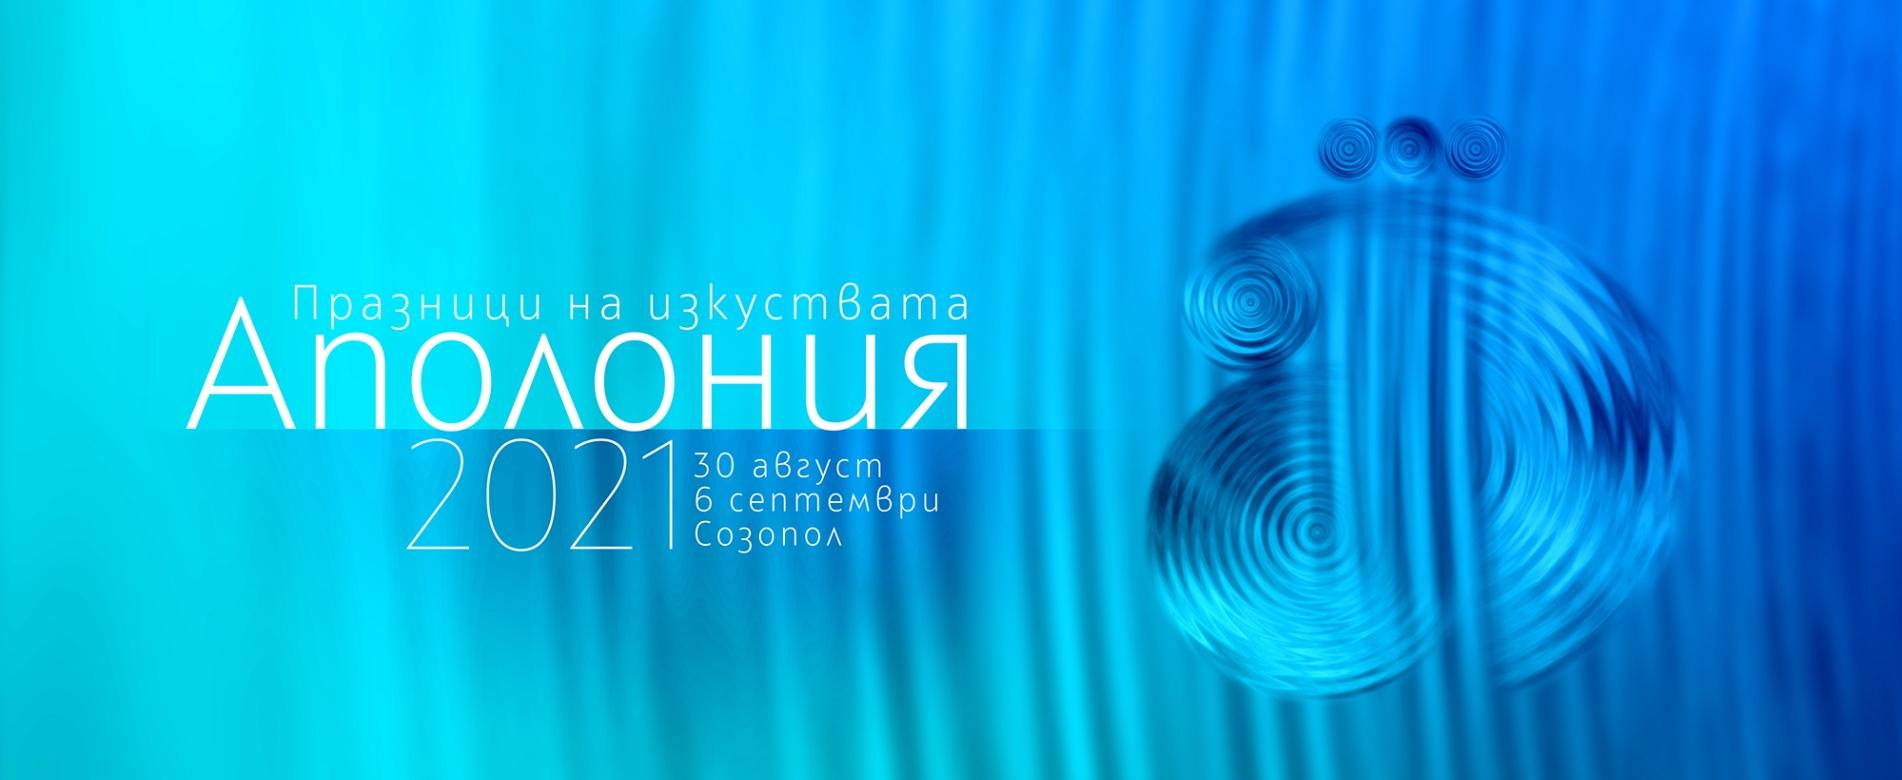 Аполония 2021 стартира на 30 август в Созопол 141